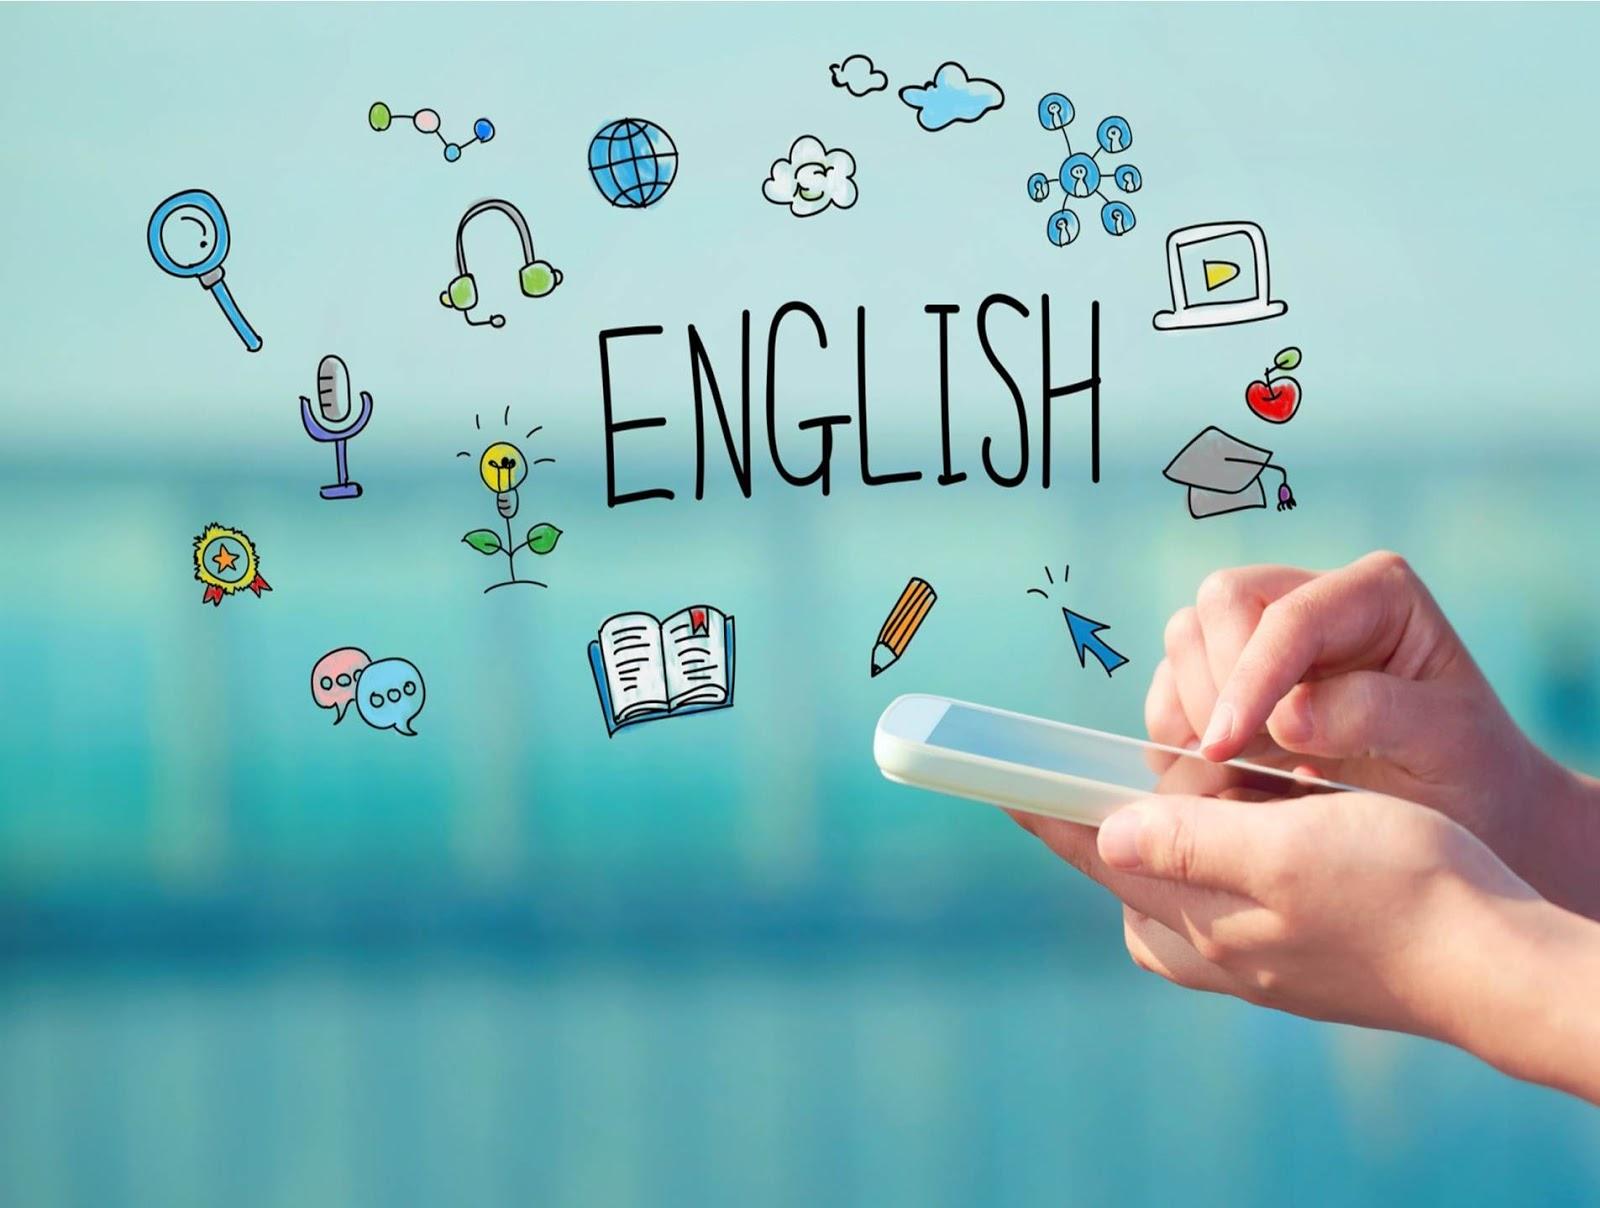 ثمانية نصائح لِتَعلُم الإنجليزية بسهولة !